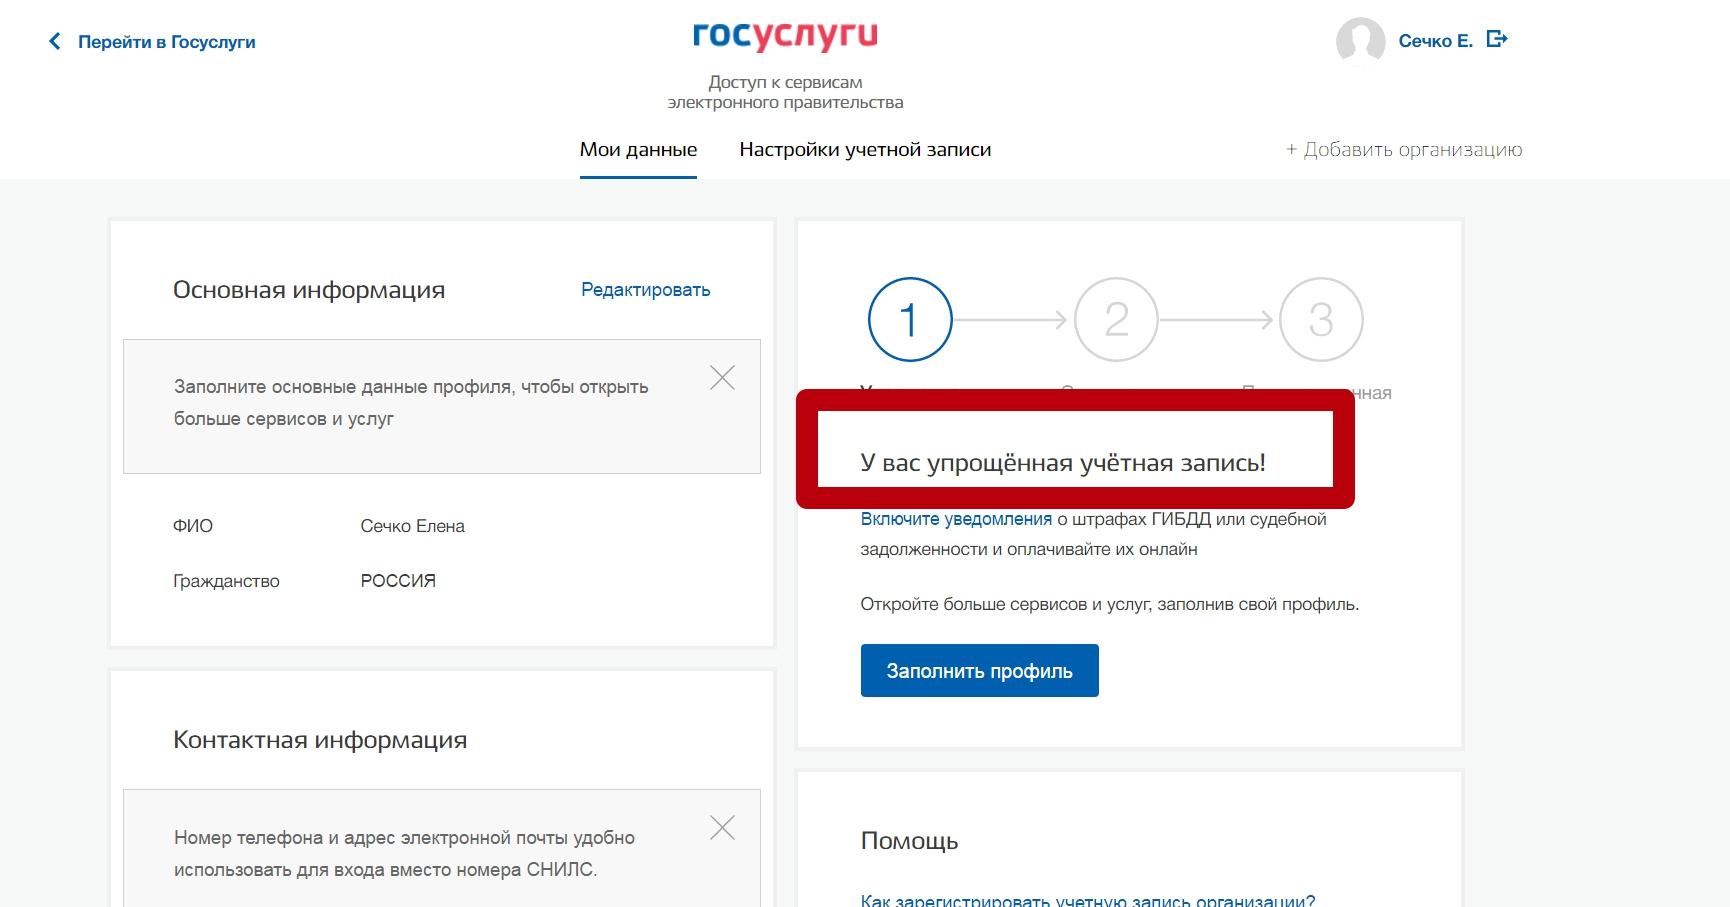 Список документов для регистрации